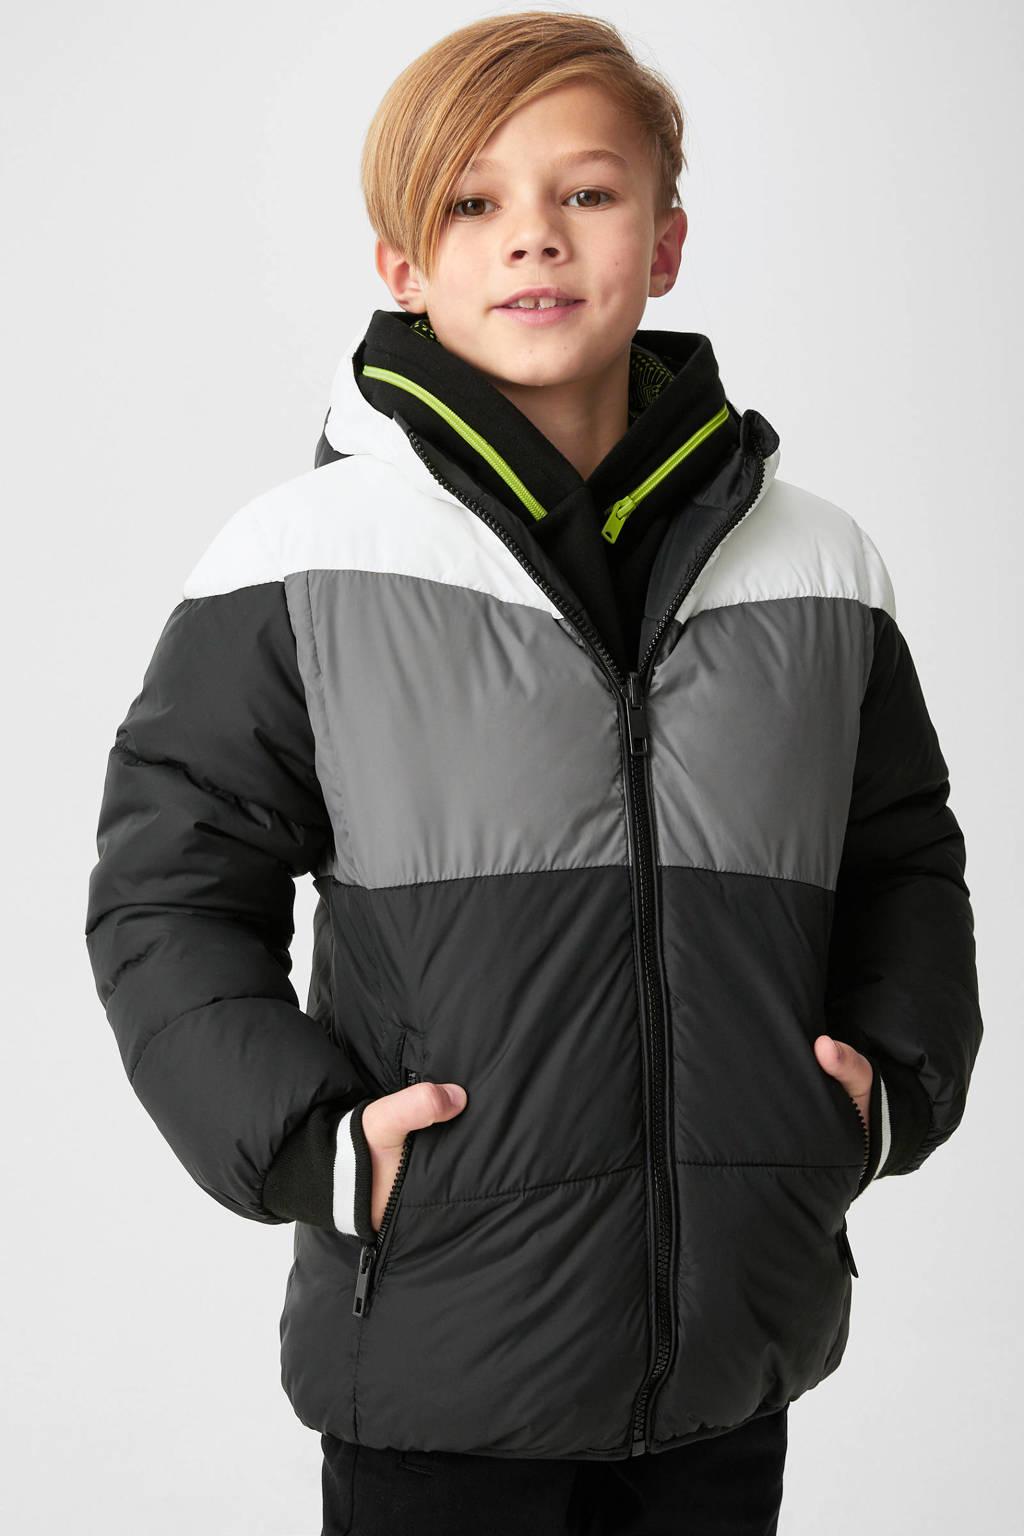 C&A Here & There gewatteerde jas zwart/grijs/wit, Zwart/grijs/wit